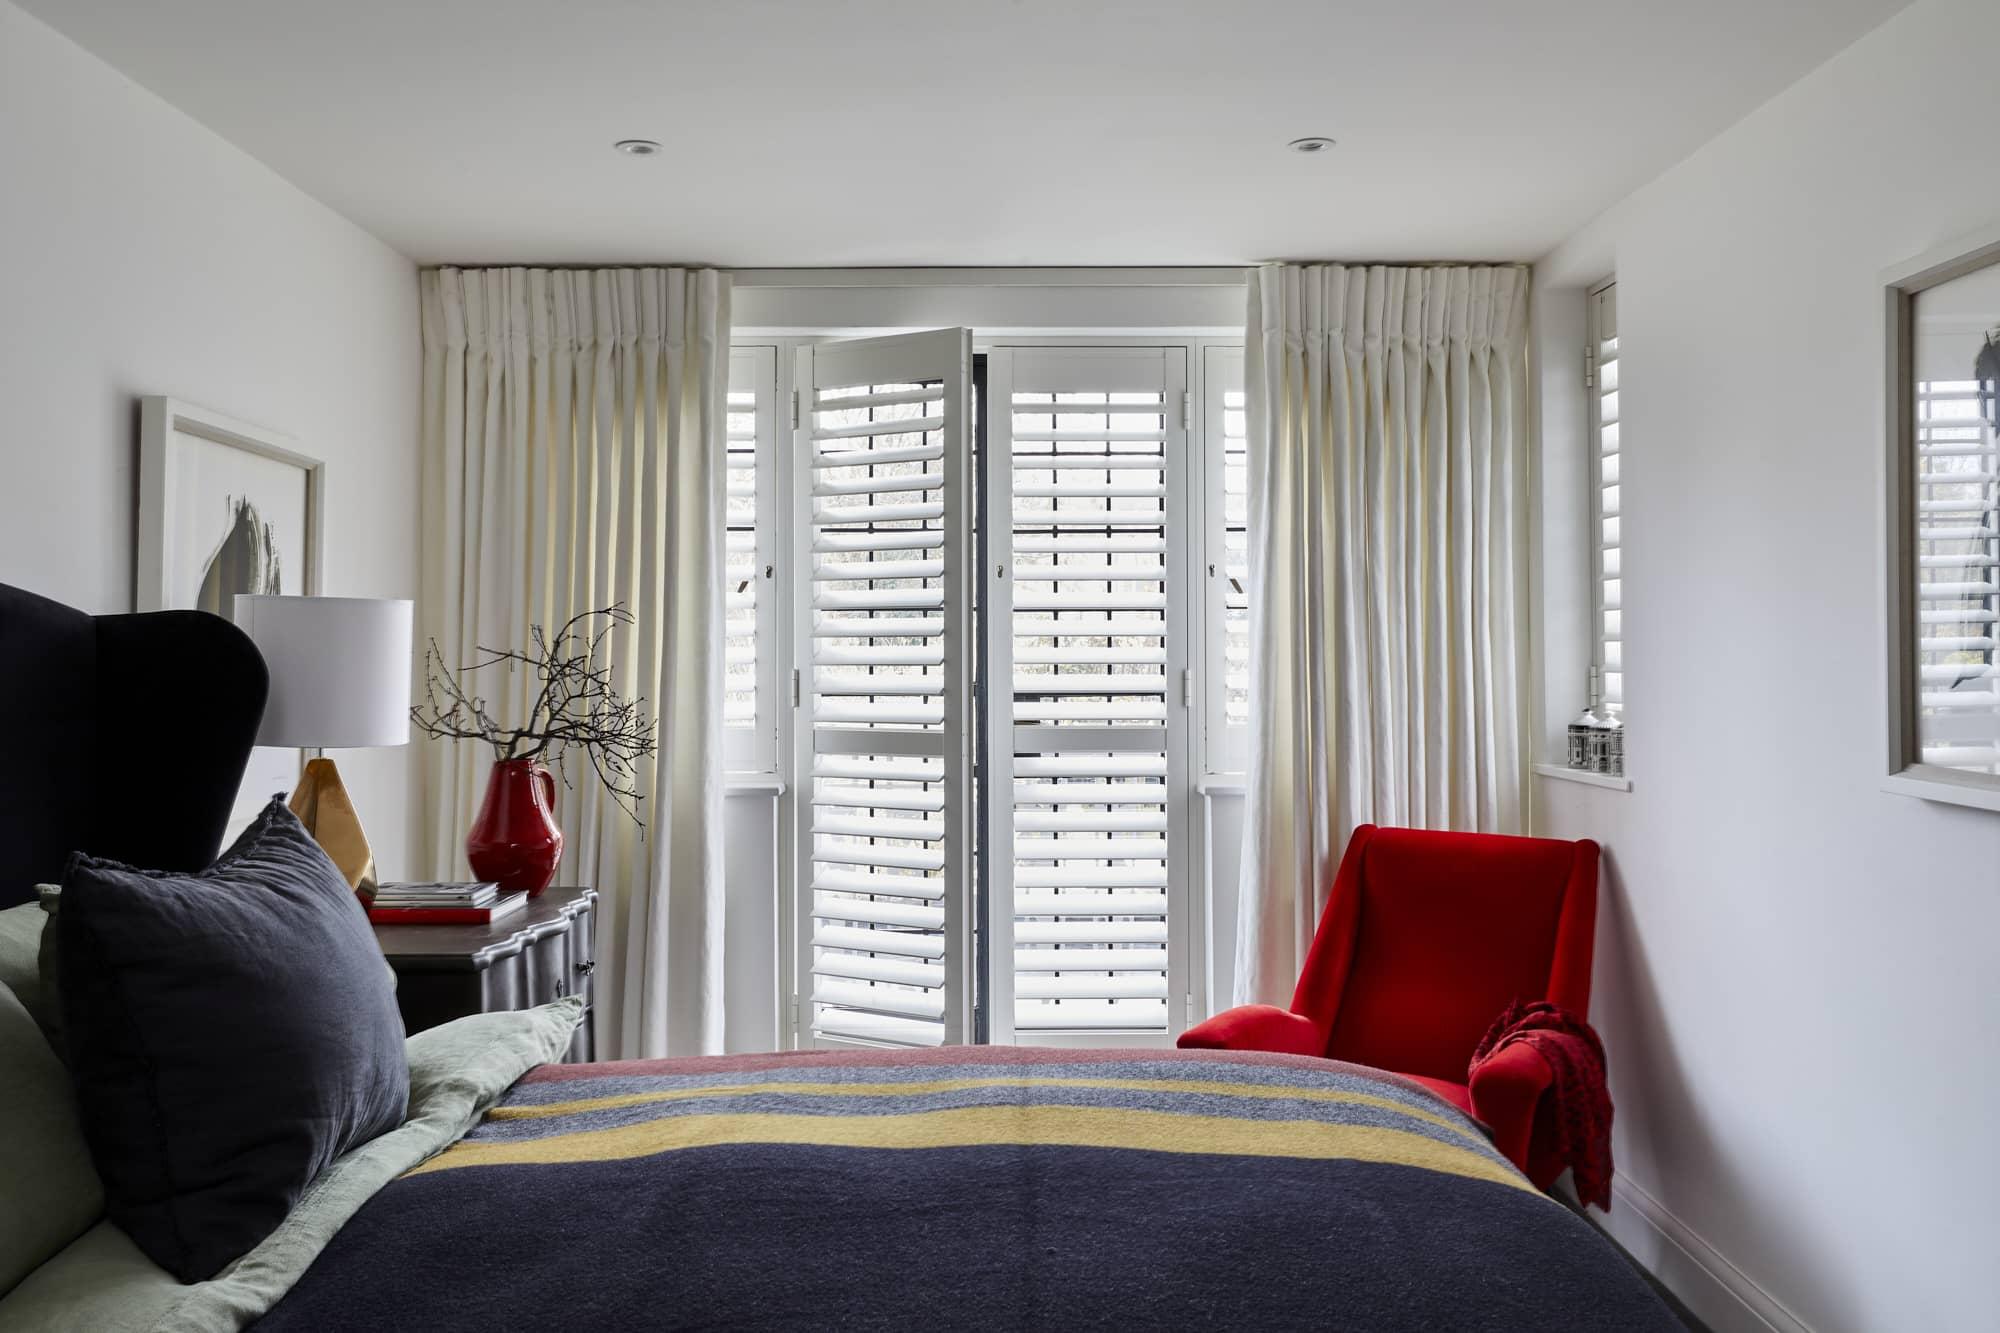 Aluminium Bedroom Shutters by Plantation Shutters Ltd.jpg